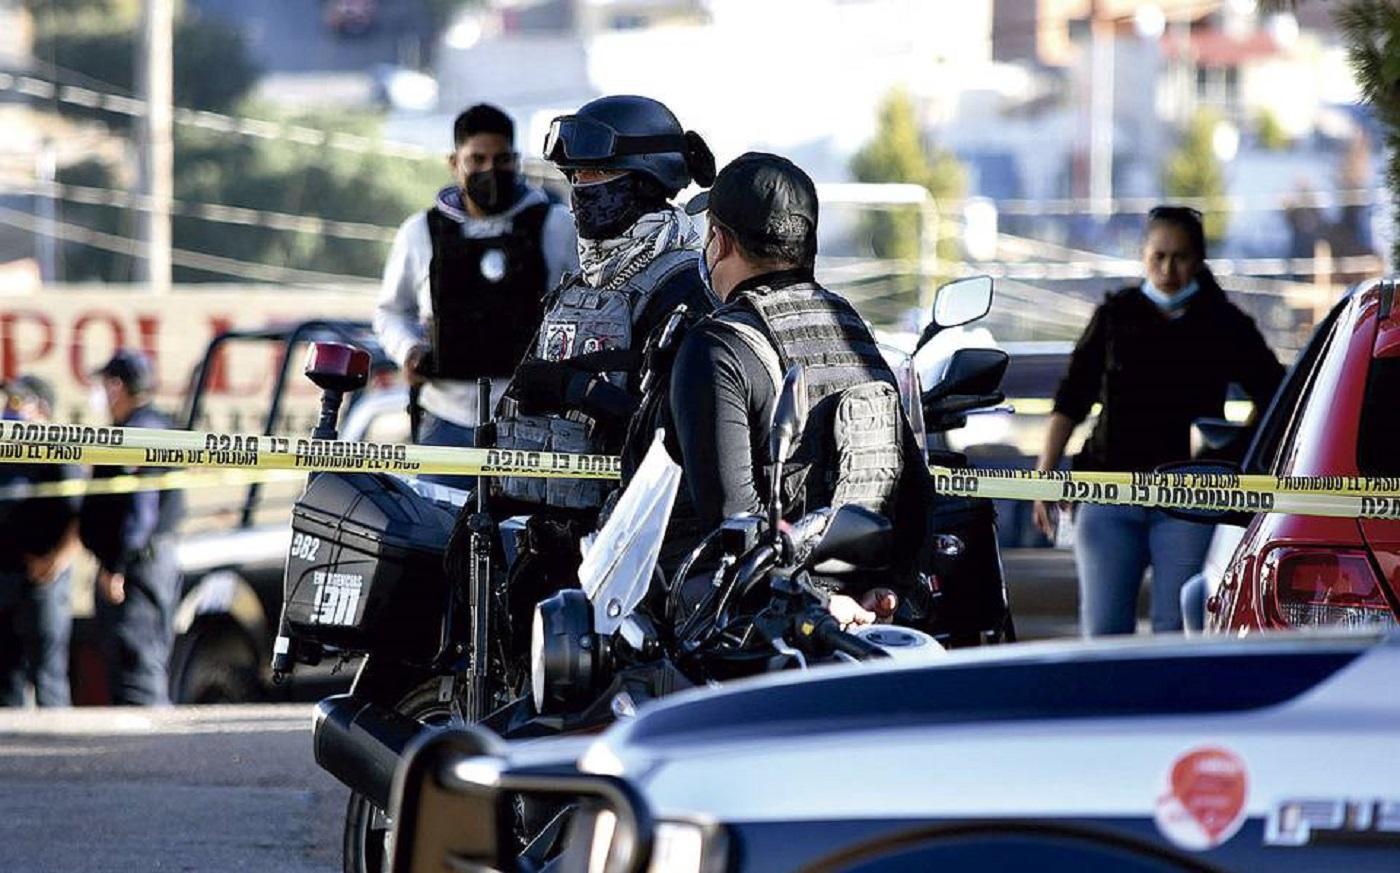 Matan a 4 policías durante